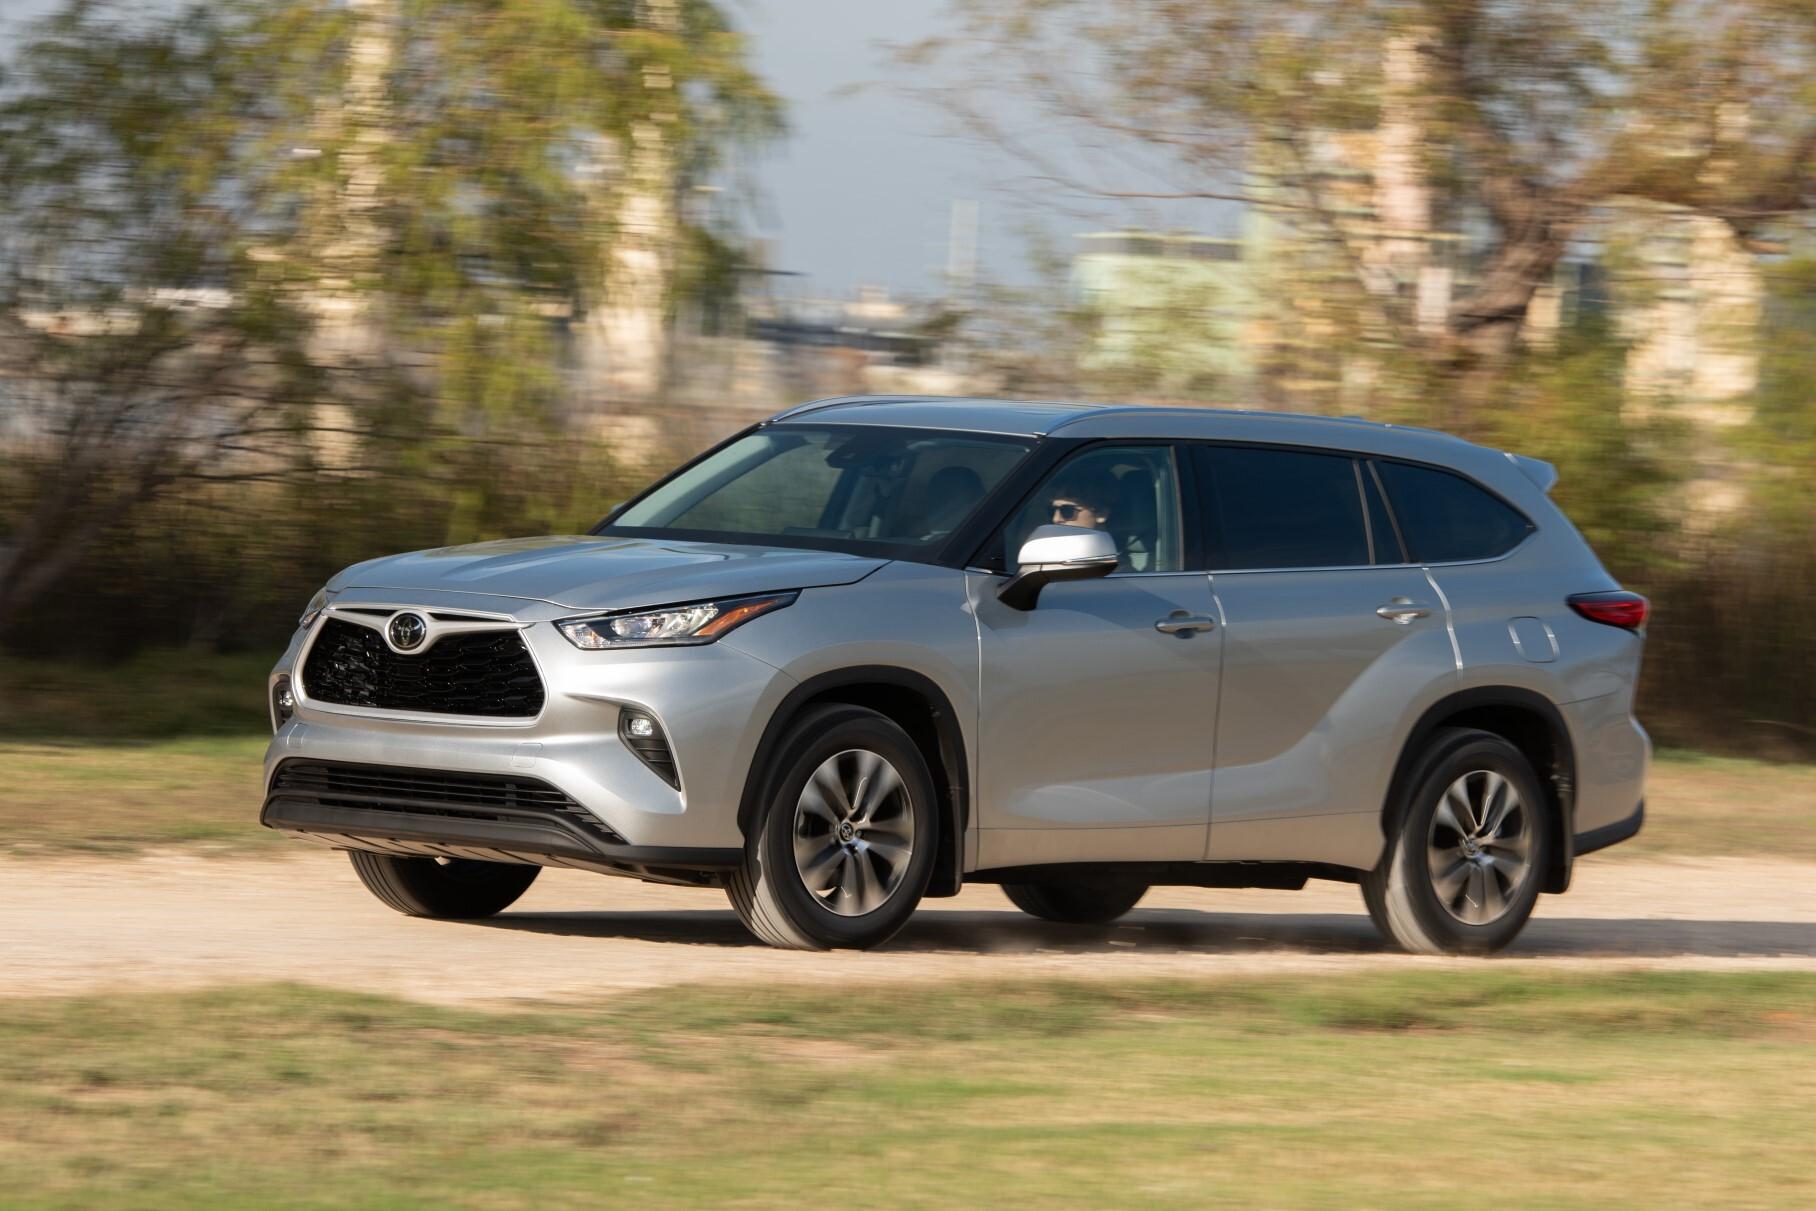 Toyota подняла цены в России на 11-108 тысяч рублей